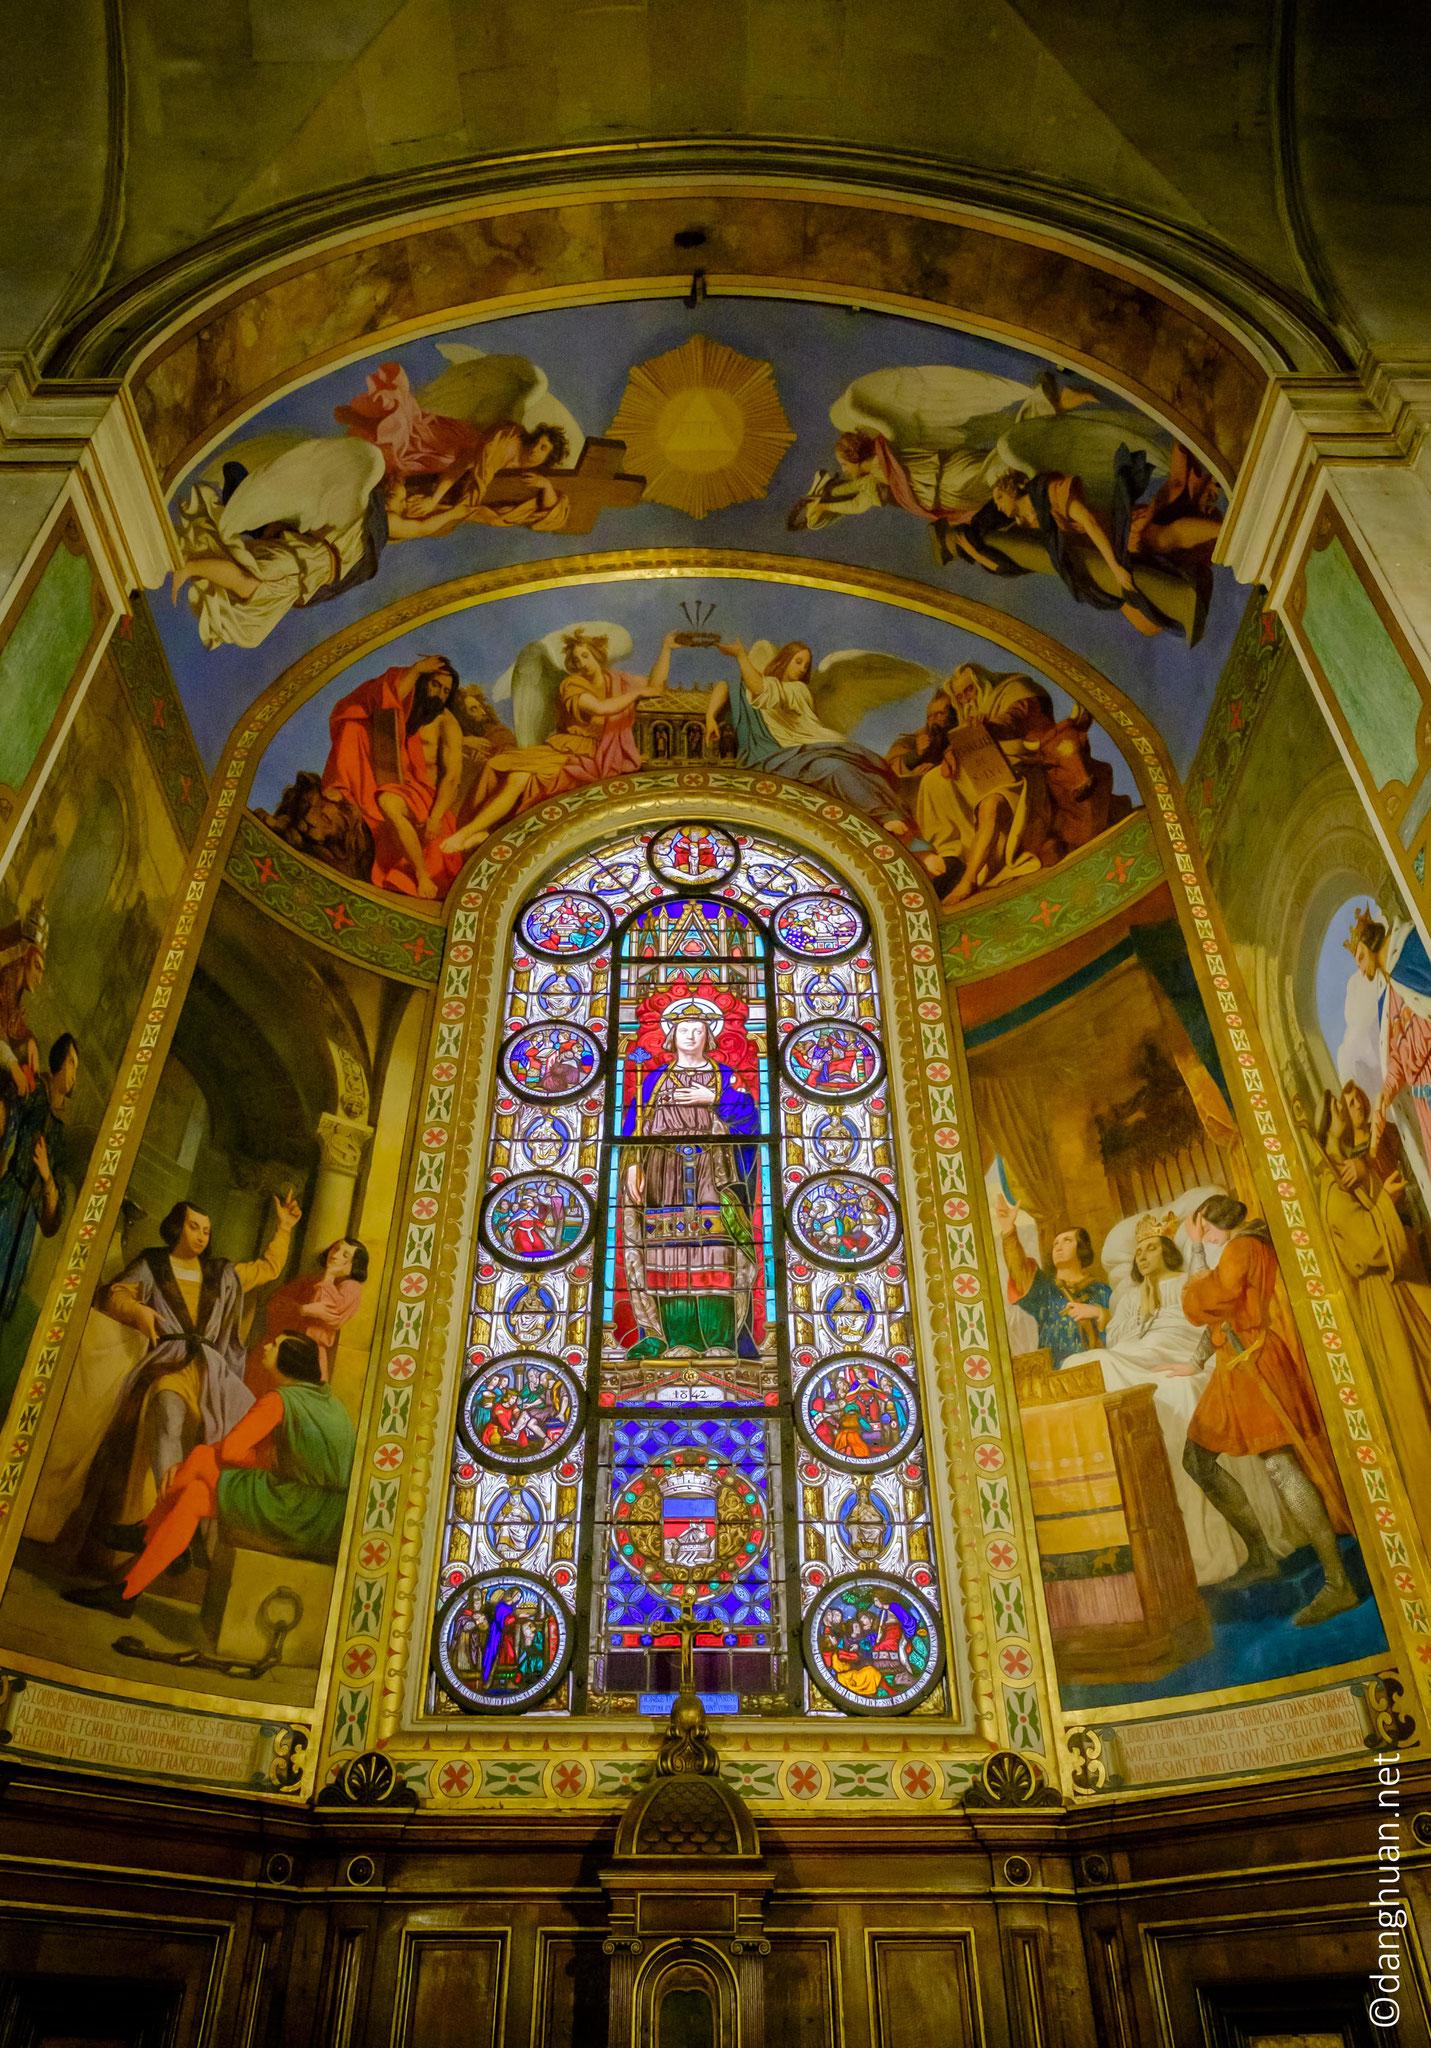 Eglise St Louis en l'île : son style initial dépouillé a été modifié et surchargé plusieurs fois au XVIIIe et surtout au XIXe siècle pour la transformer en style baroque